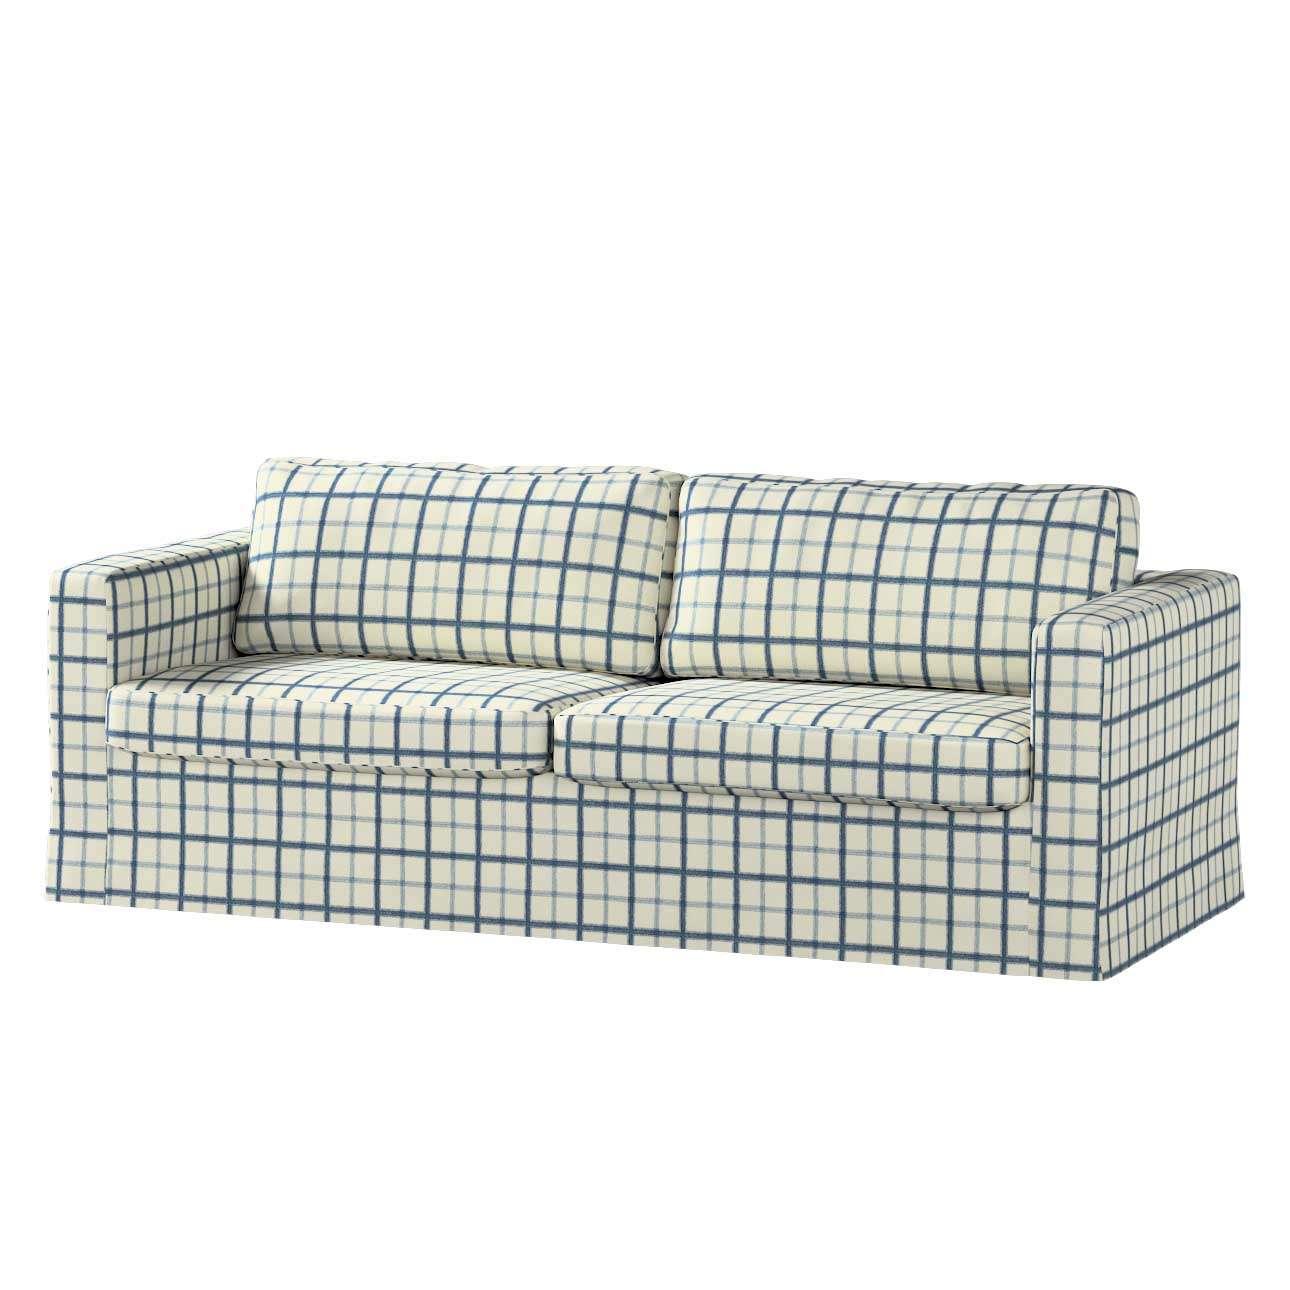 Karlstad trivietės sofos užvalkalas (ilgas, iki žemės) Karlstad trivietės sofos užvalkalas (ilgas, iki žemės) kolekcijoje Avinon, audinys: 131-66